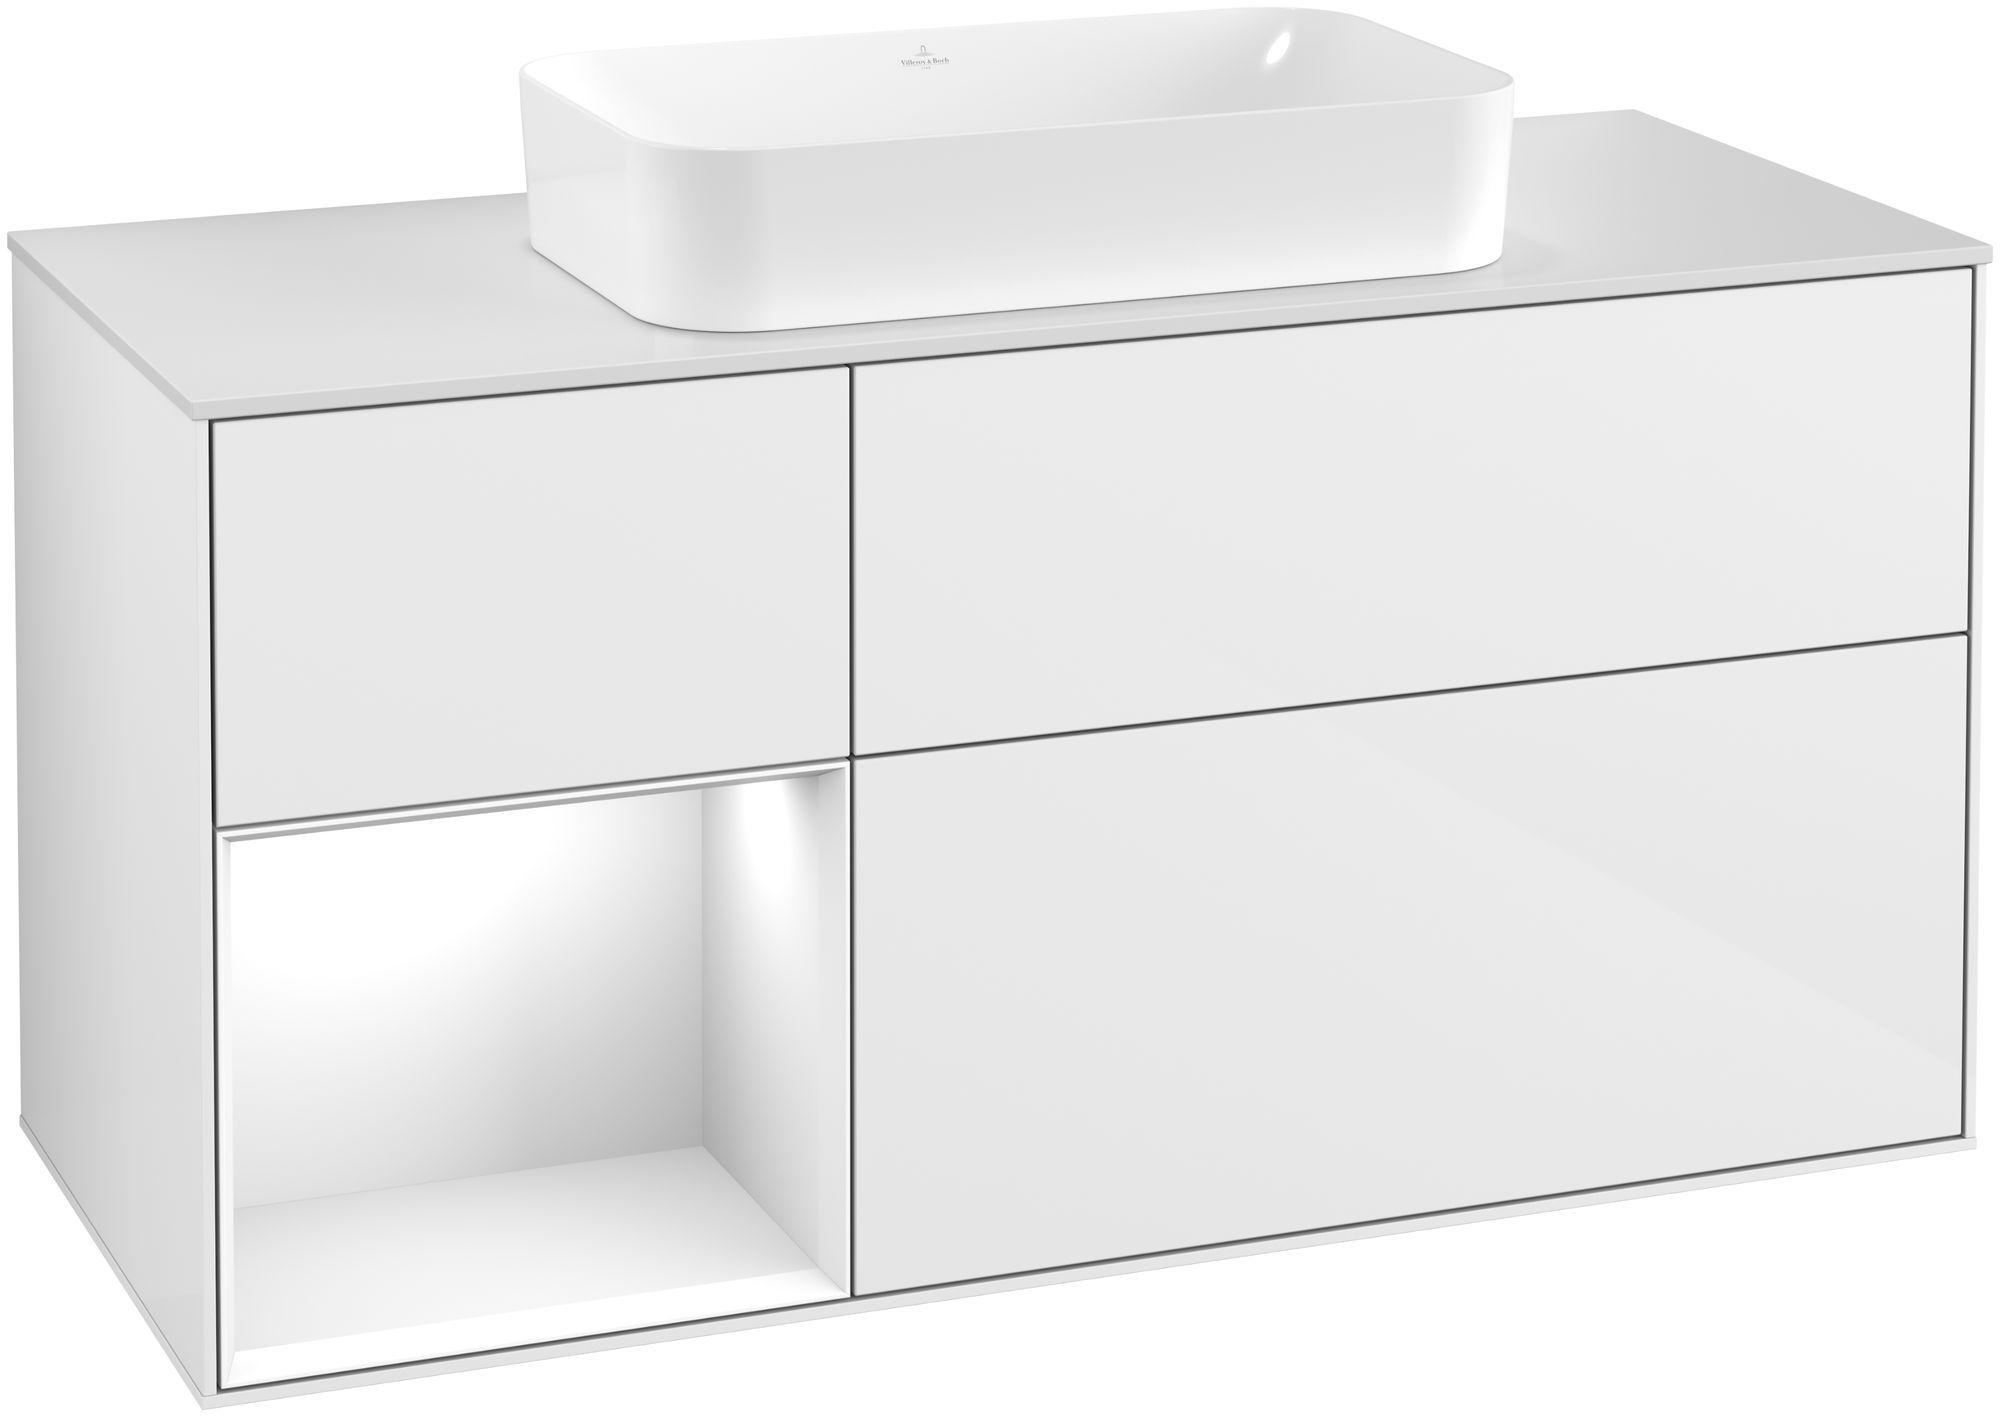 Villeroy & Boch Finion F29 Waschtischunterschrank mit Regalelement 3 Auszüge Waschtisch mittig LED-Beleuchtung B:120xH:60,3xT:50,1cm Front, Korpus: Glossy White Lack, Glasplatte: White Matt F291GFGF